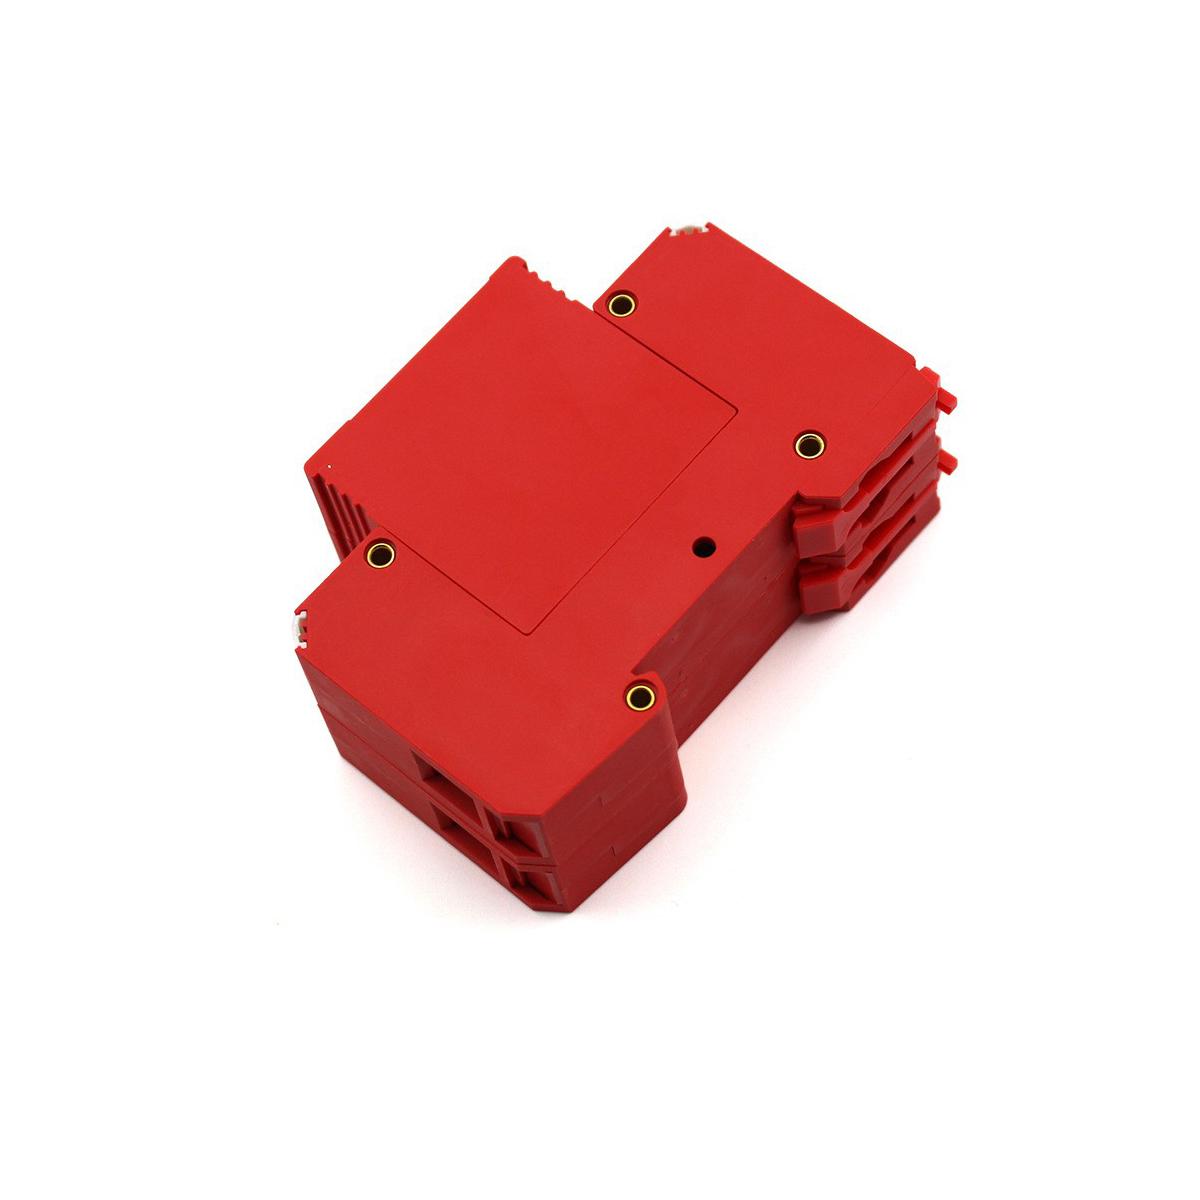 Thiết bị chống sét lan truyền cho hệ thống điện 220V - 40K  LKD40KA385C/2